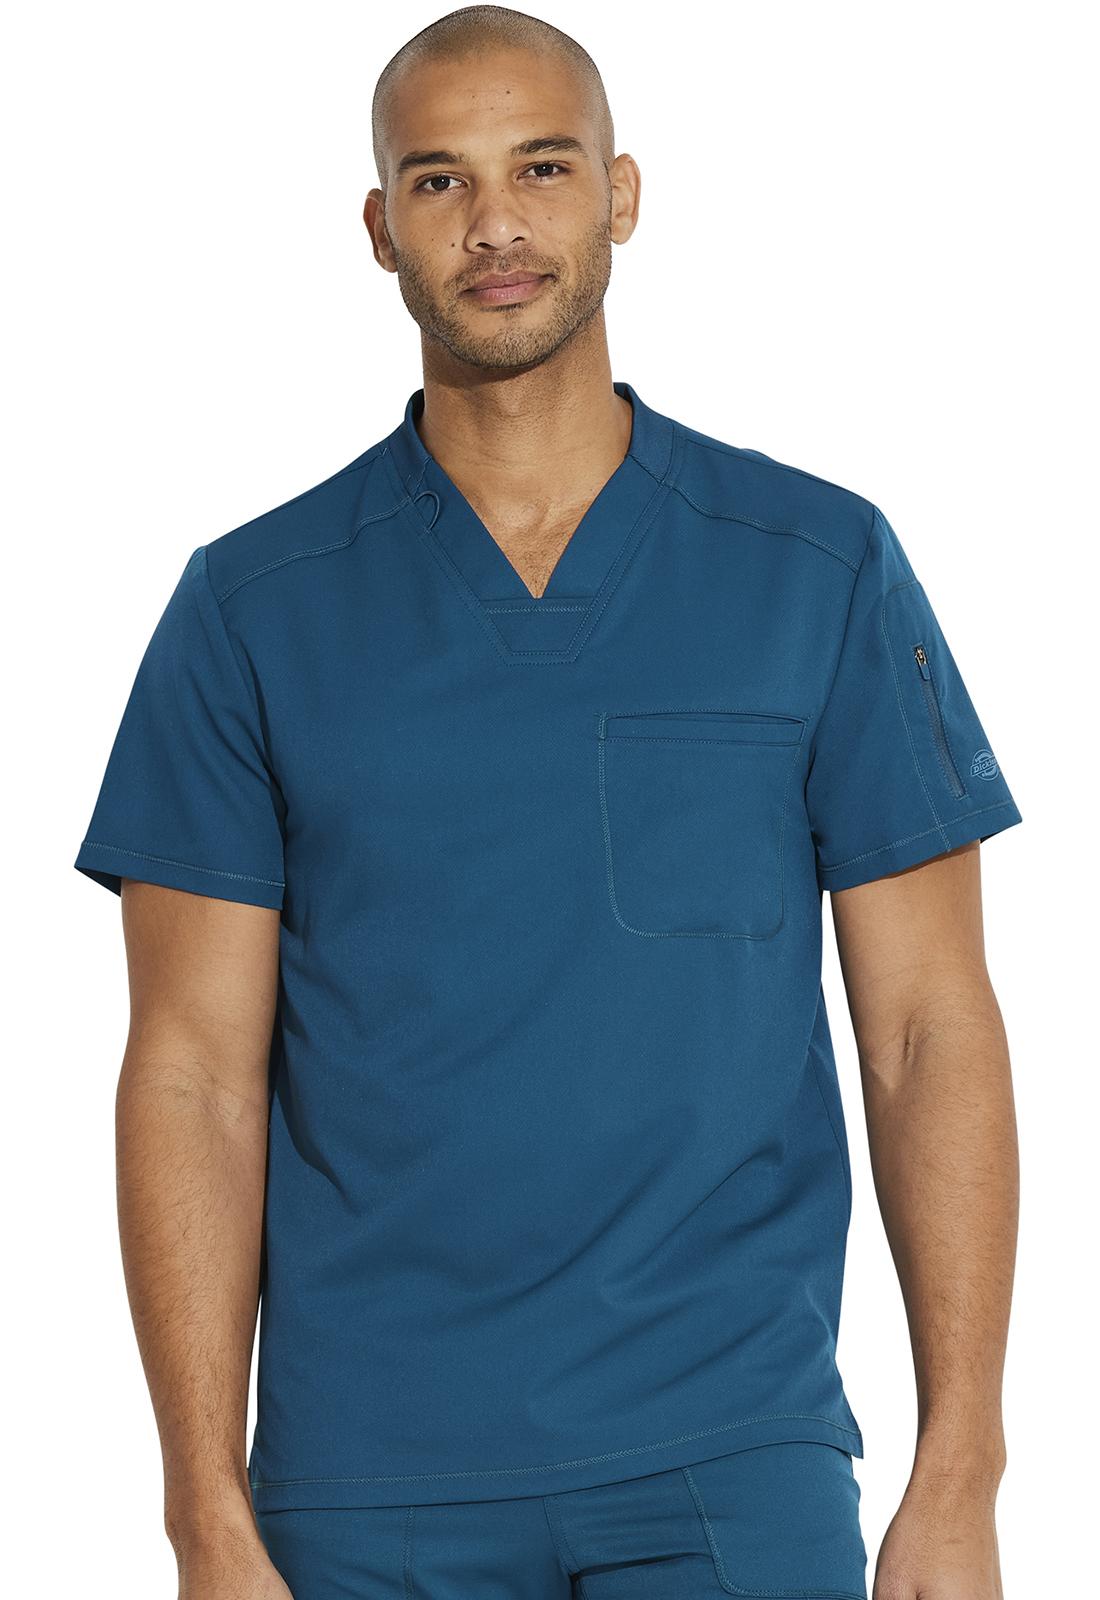 sprzedawca hurtowy naprawdę wygodne uznane marki Dickies Men's V-Neck Top (Regular) in Caribbean Blue from Dickies Medical